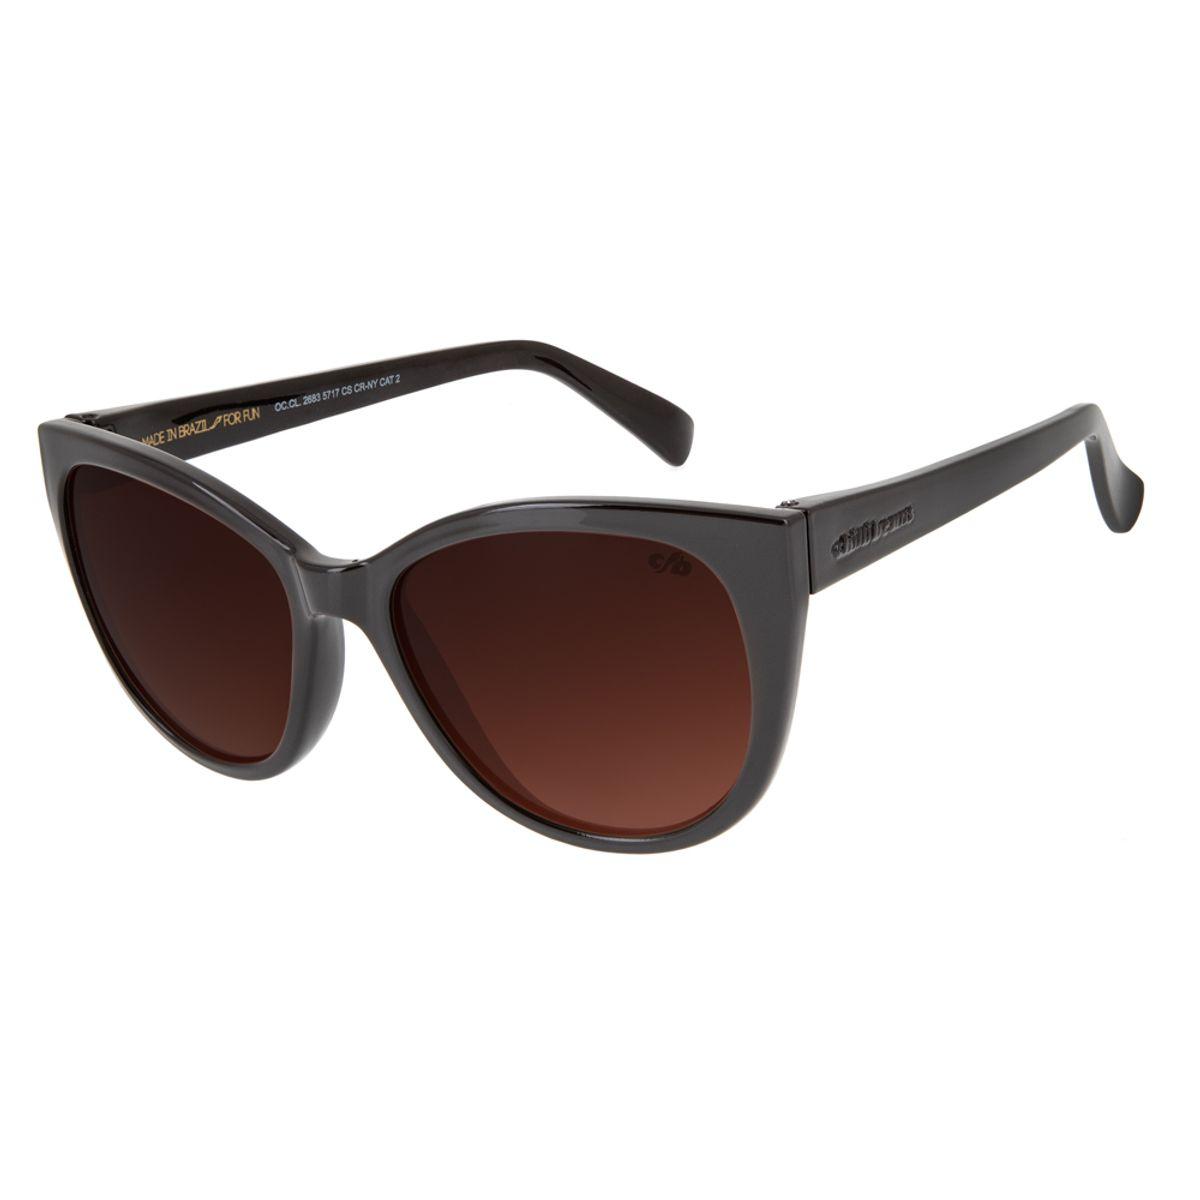 cd3122dae21e4 Óculos De Sol Chilli Beans Redondo Clássico Feminino Vinho 2683 ...